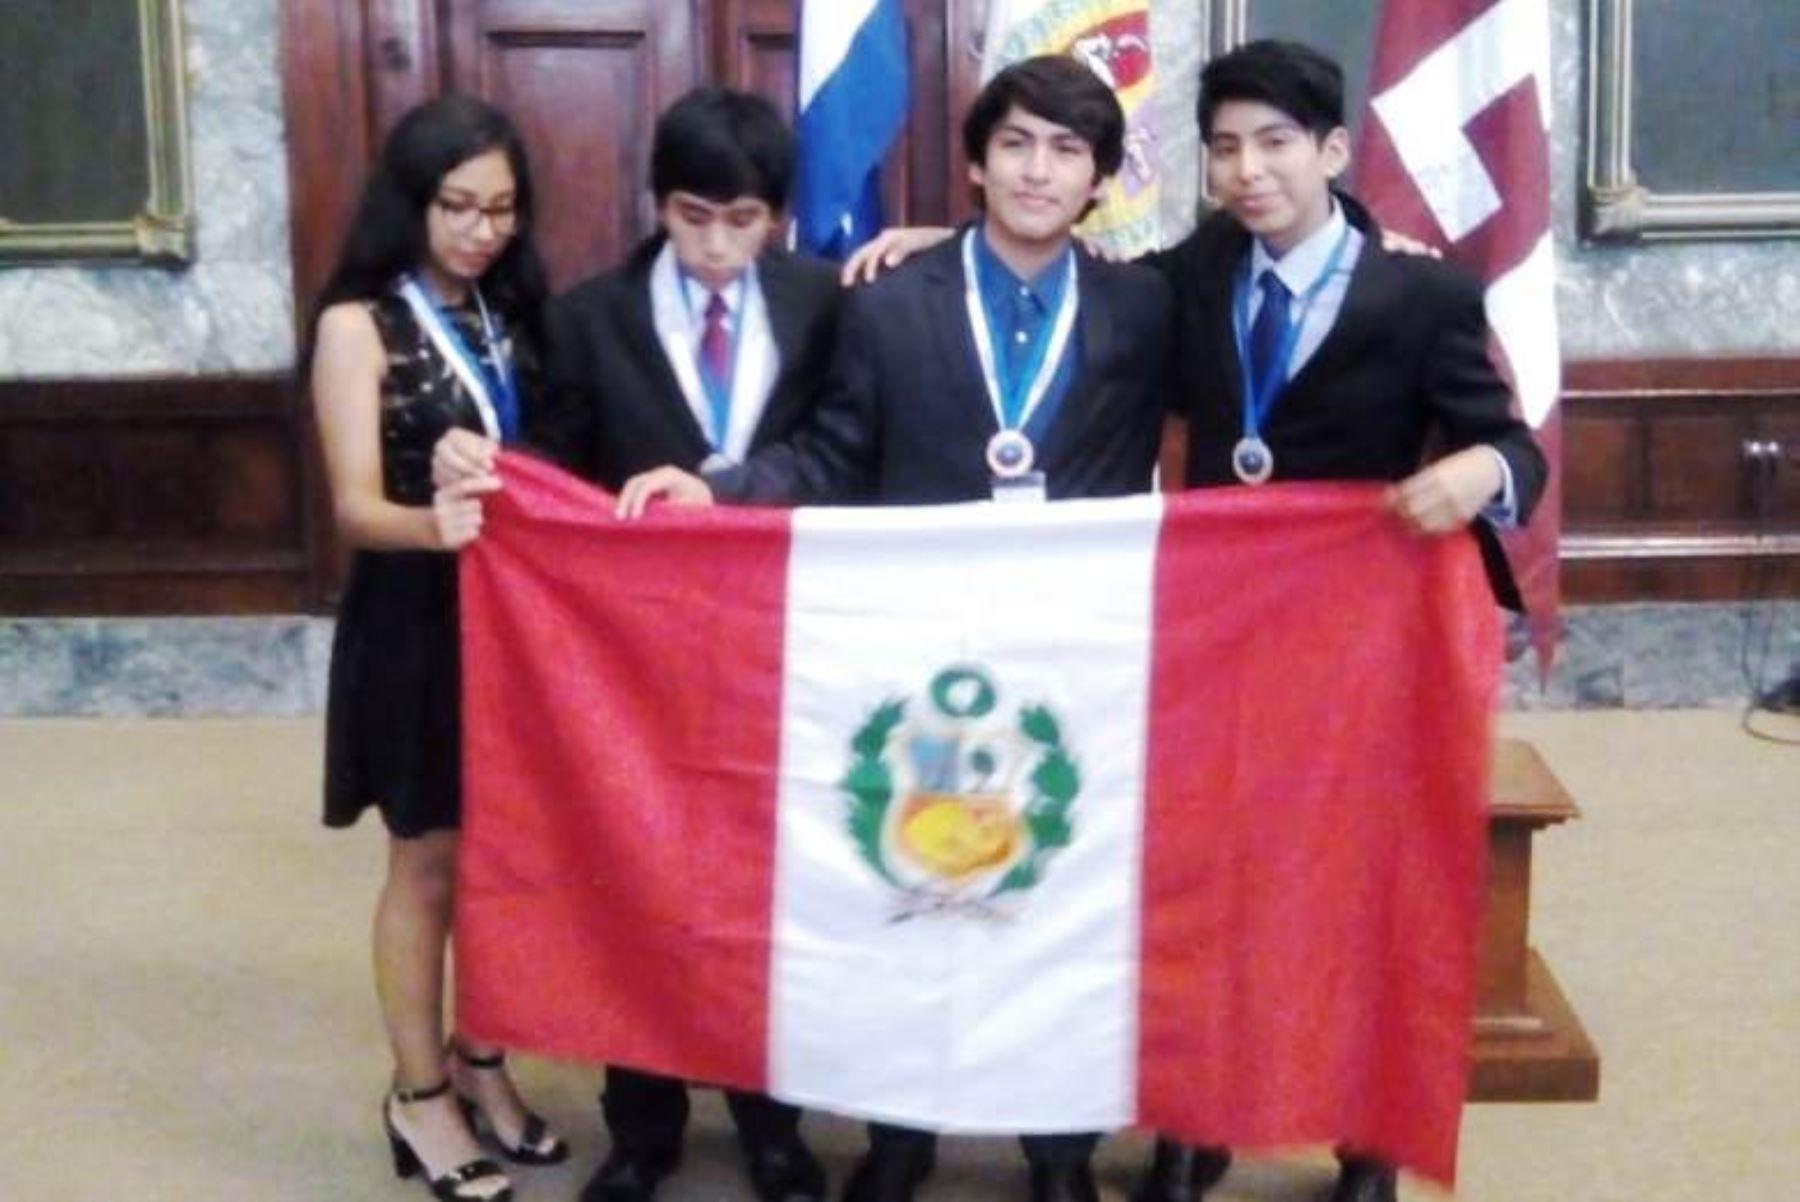 ¡Excelente! Estudiantes peruanos ganan medallas en Olimpiada de Física en Cuba